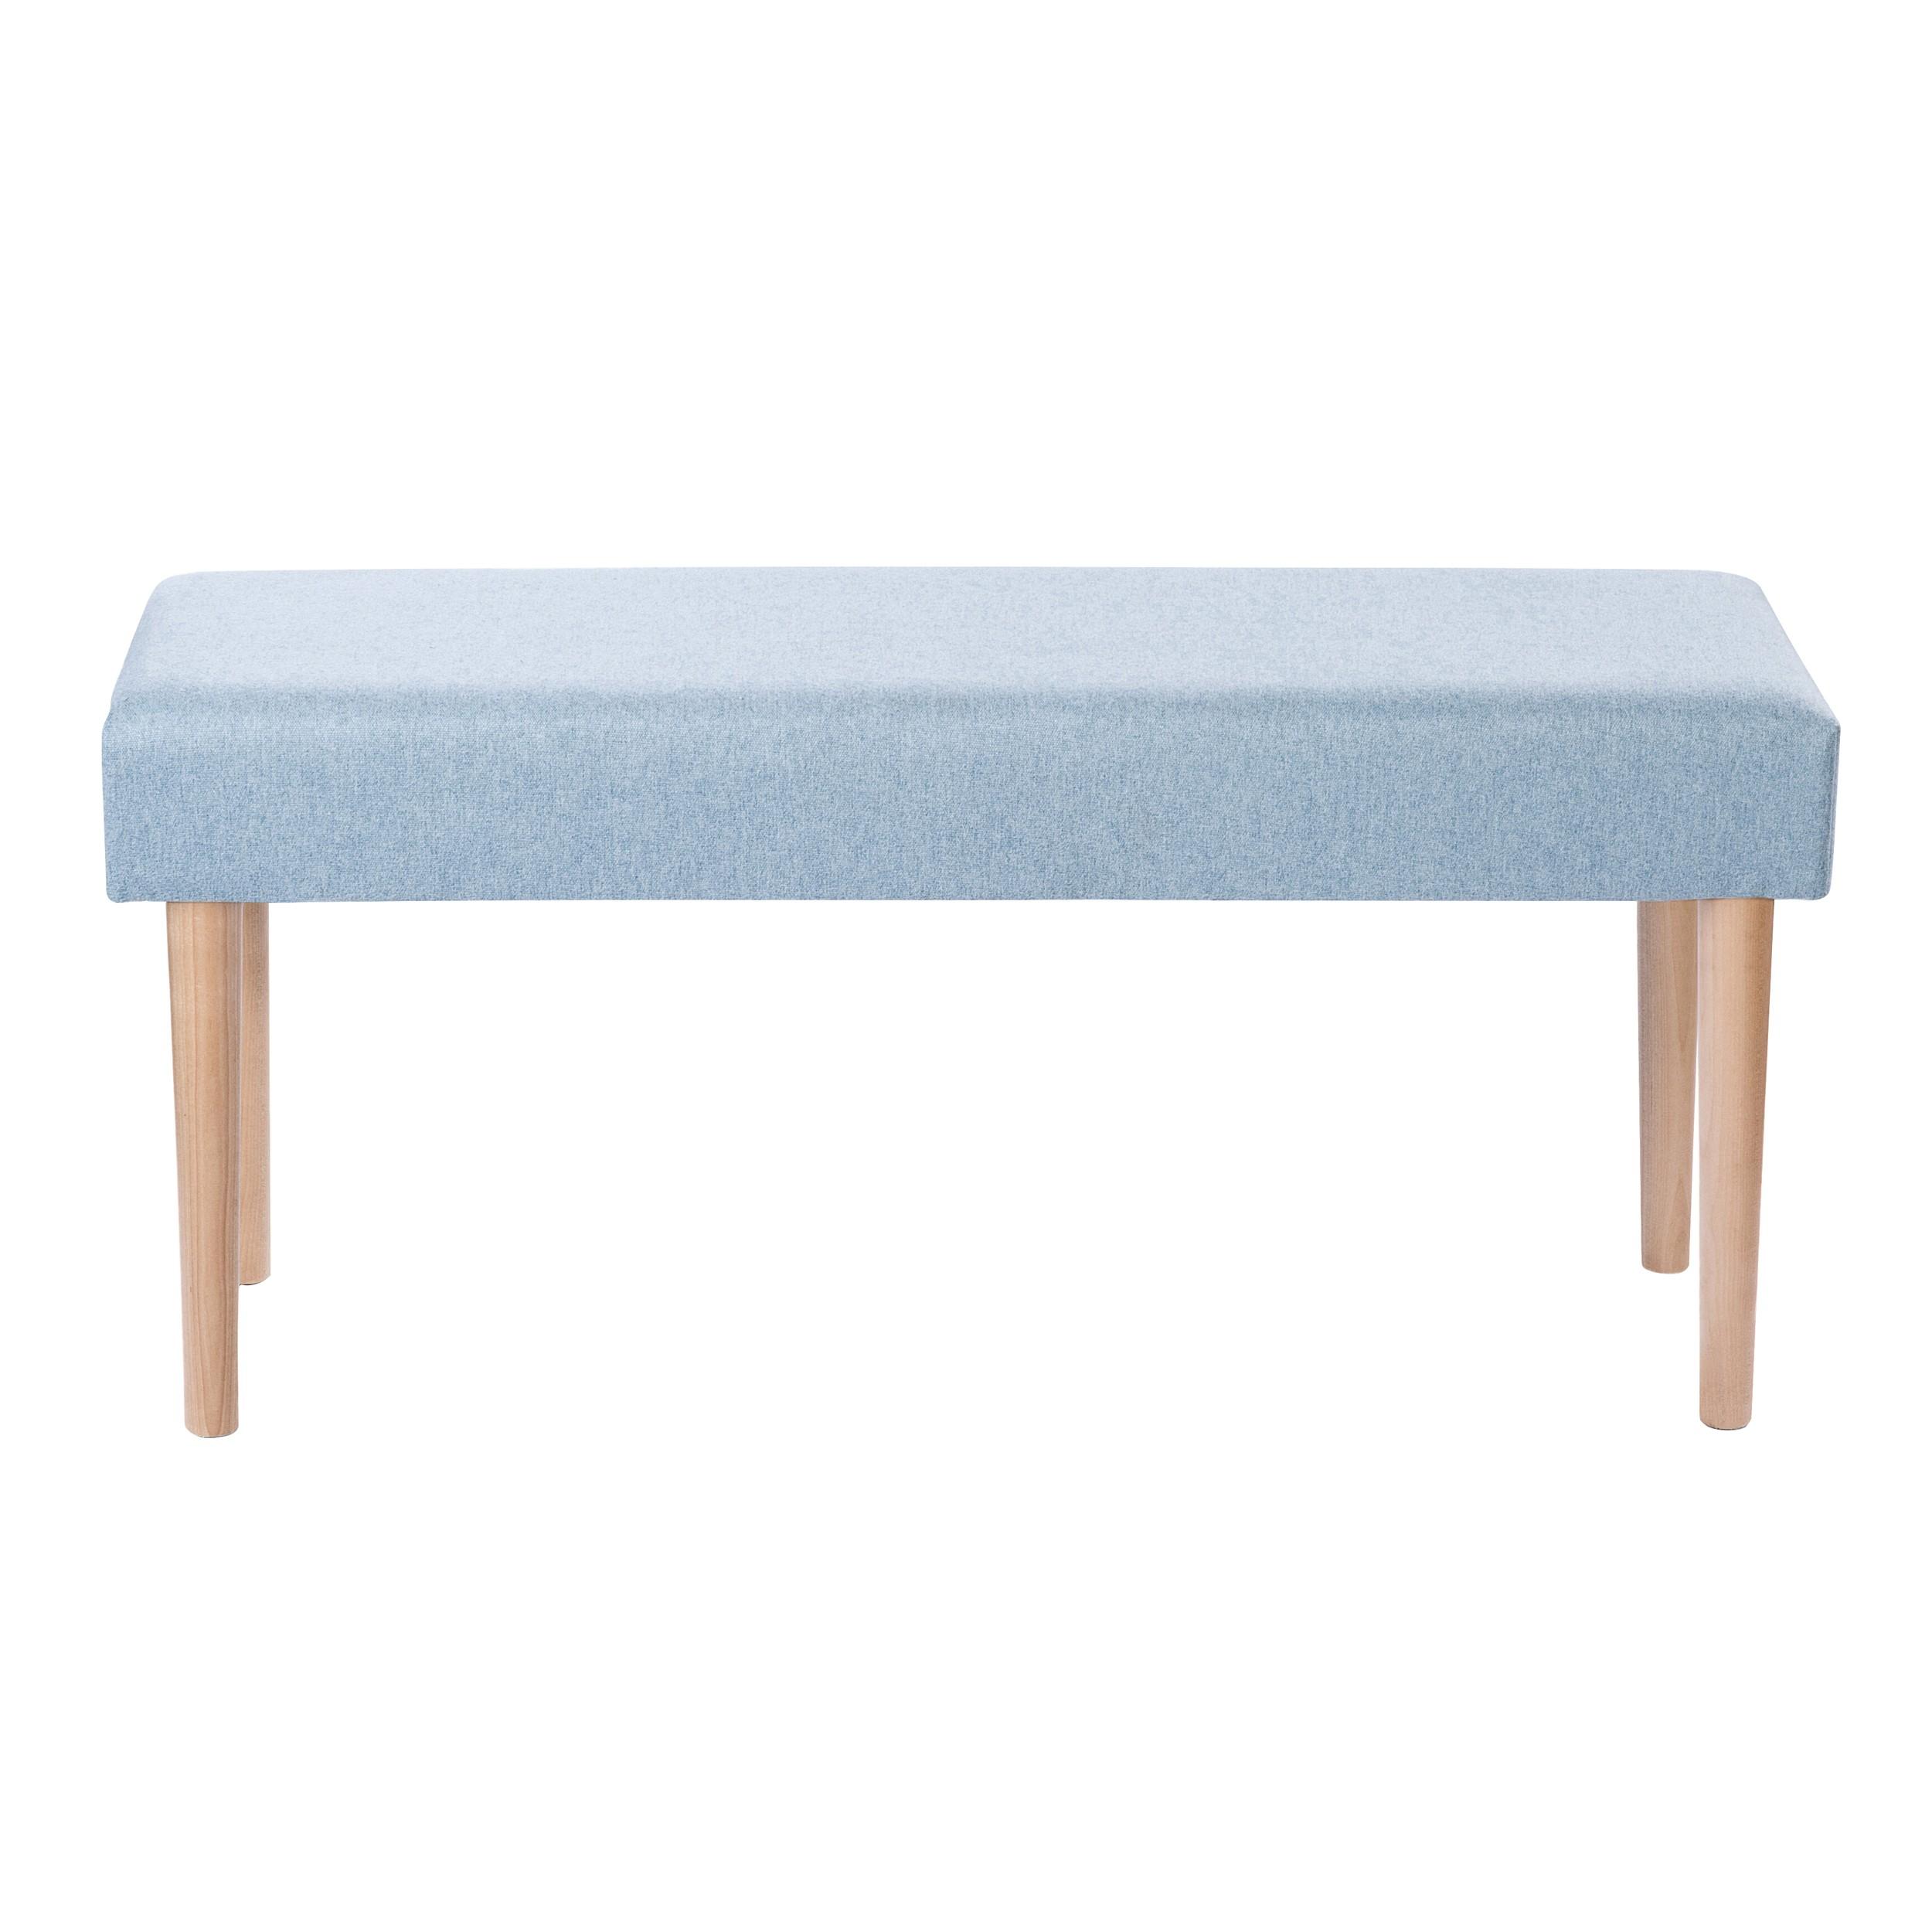 banc octave bleu achetez nos bancs octave bleus prix d. Black Bedroom Furniture Sets. Home Design Ideas